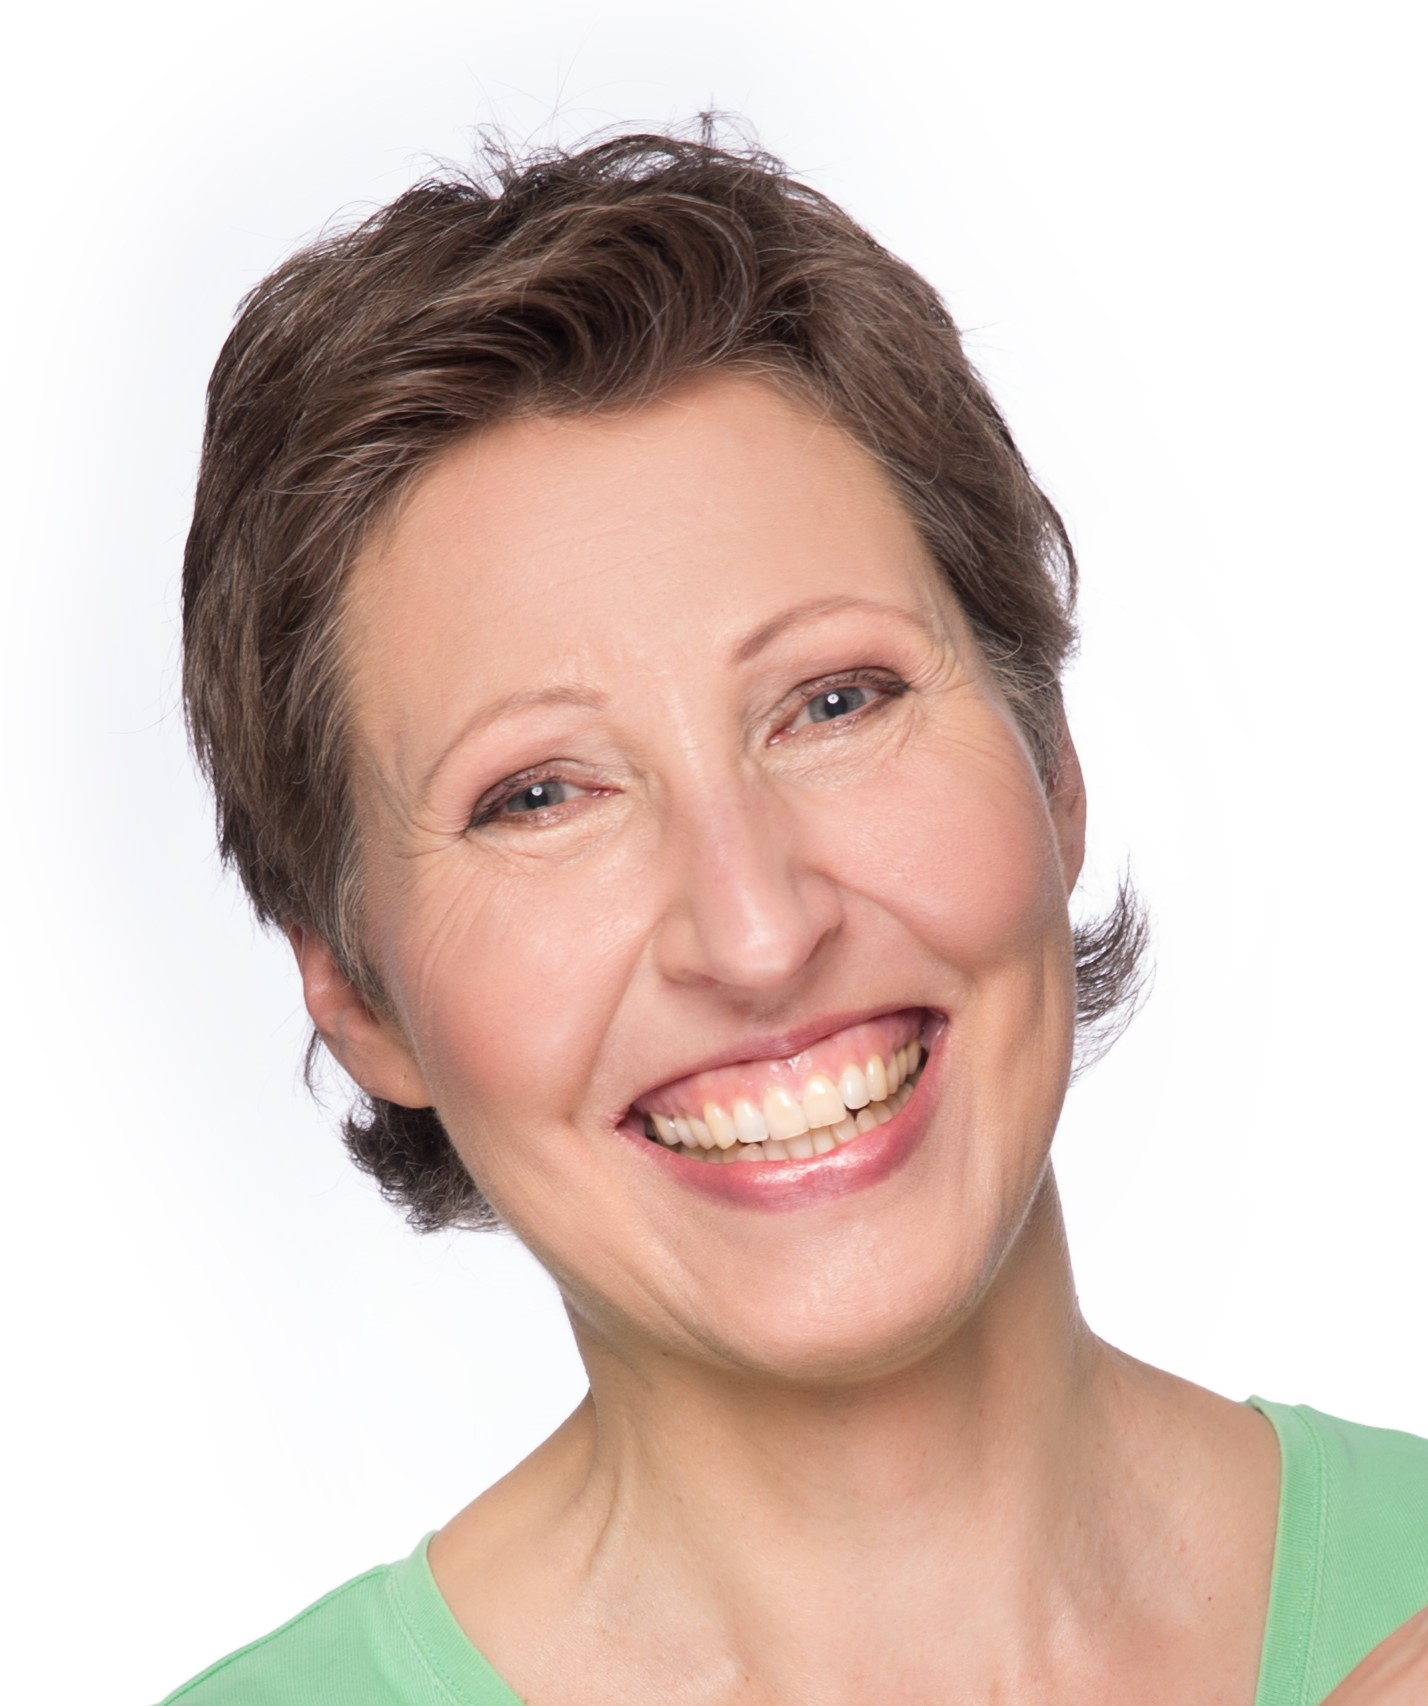 Tanja Rathjens | Deine wahre Welt!